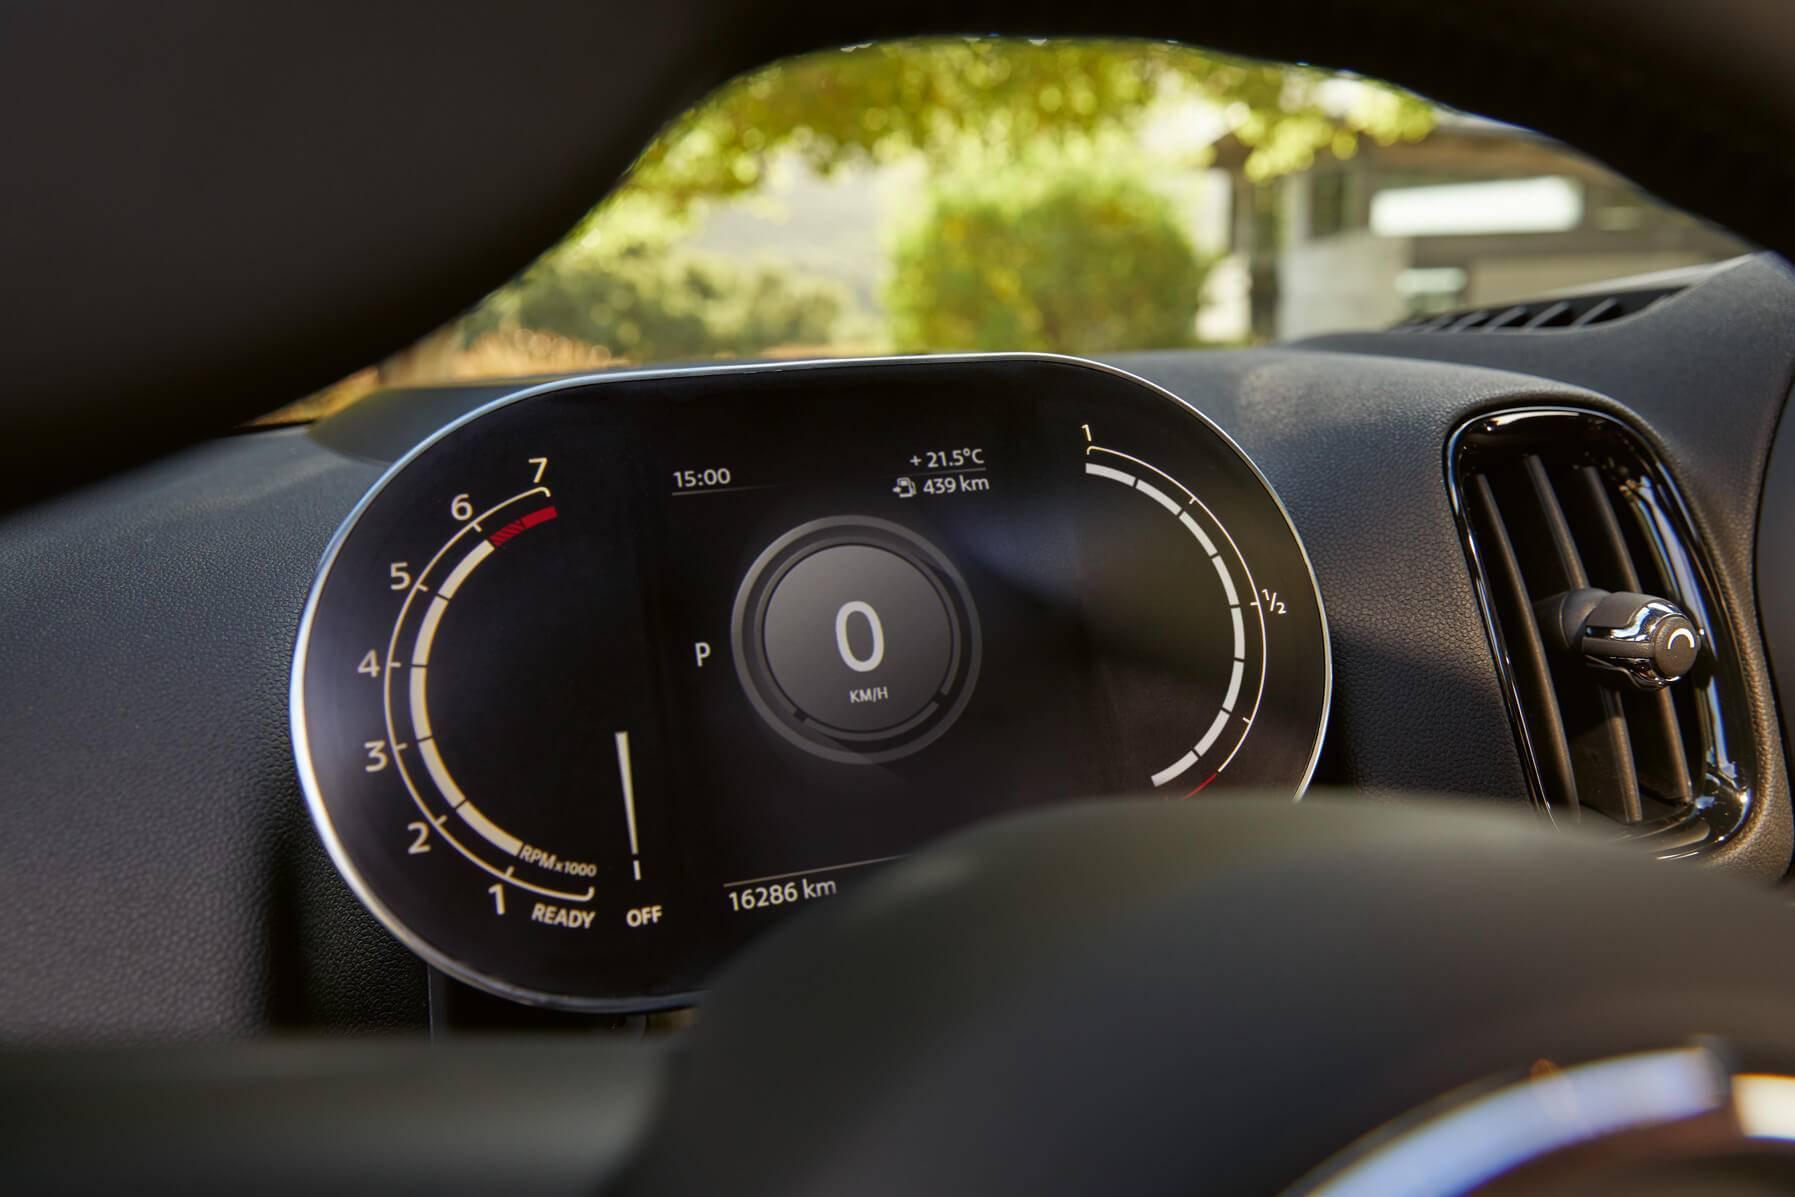 MINI Cooper digital speedometer features